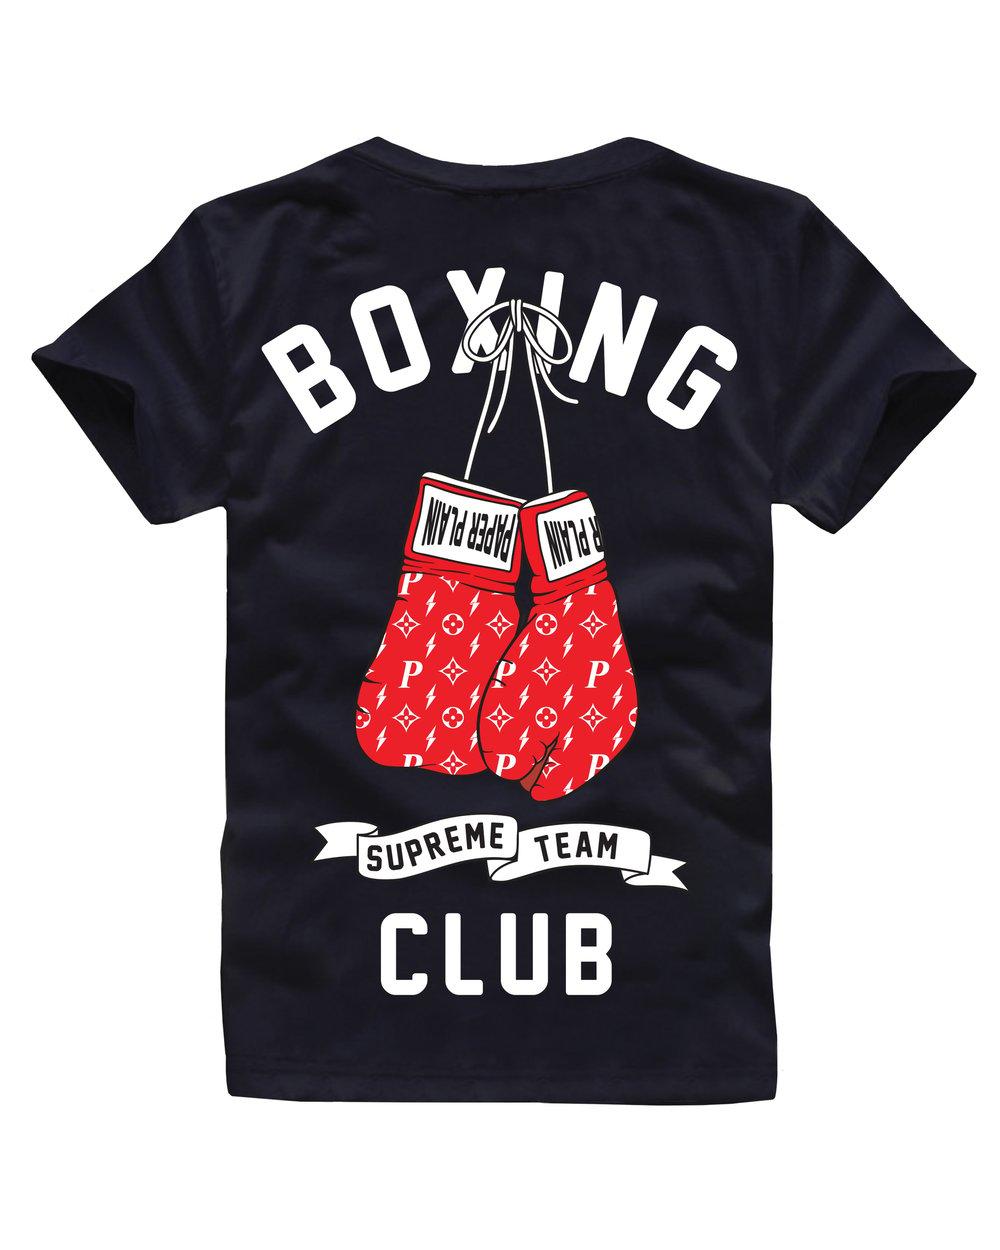 BOXING CLUB TEE BLACK